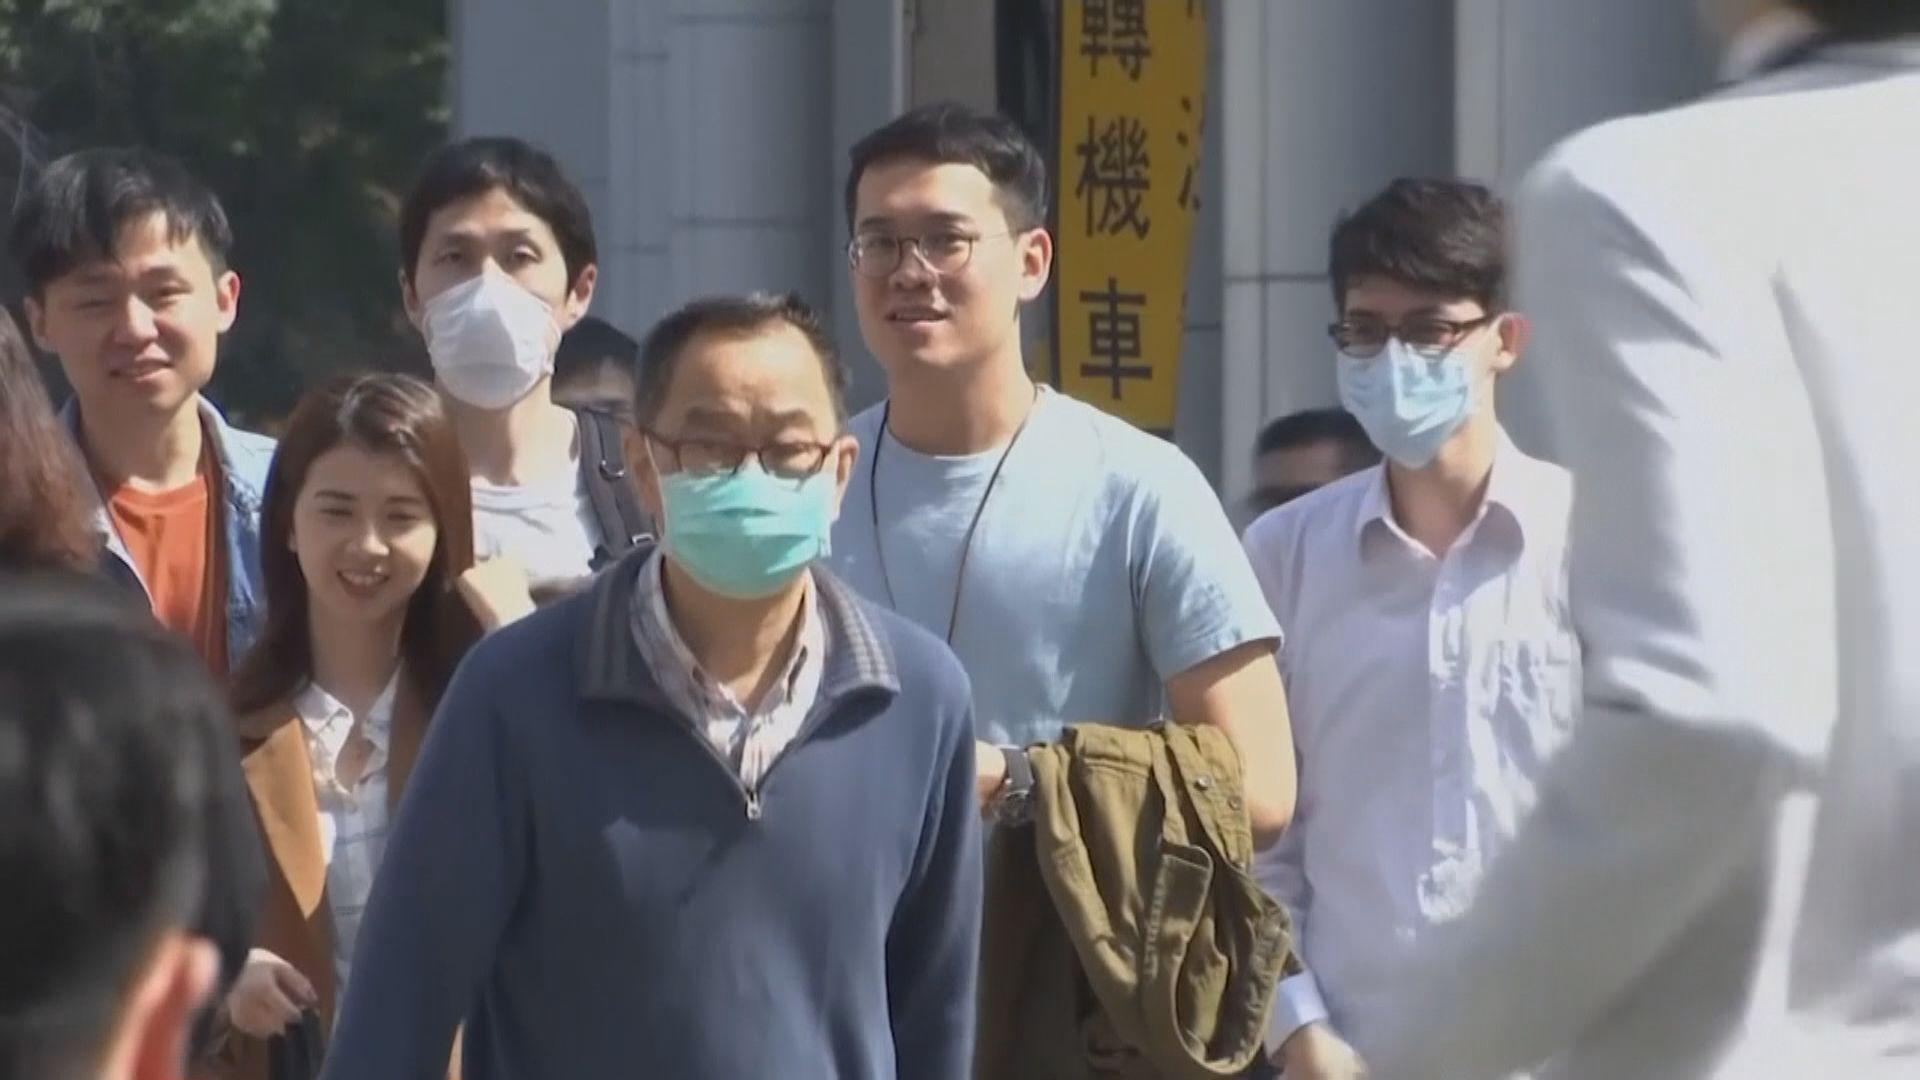 台灣一醫院出現院內感染 兩宗確診